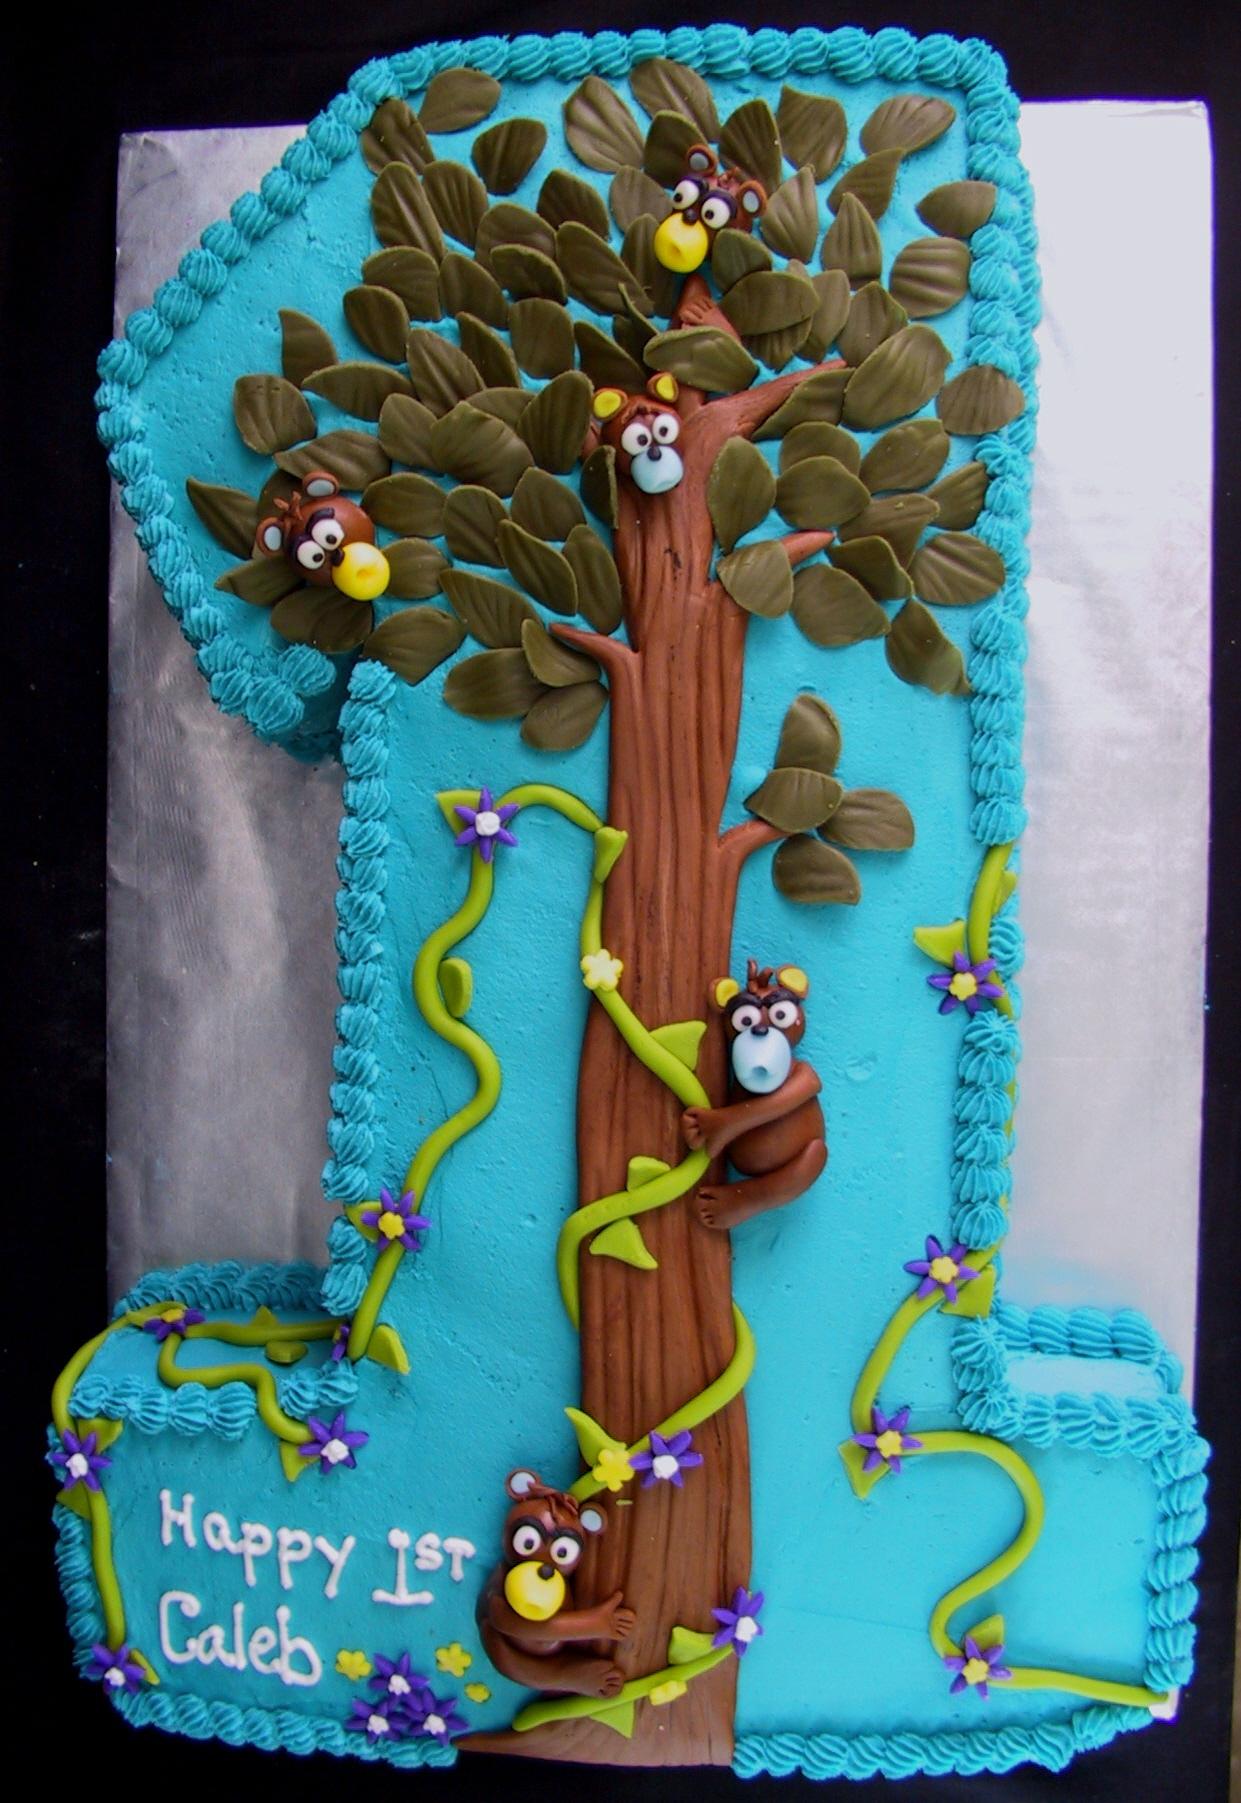 1 monkey cake